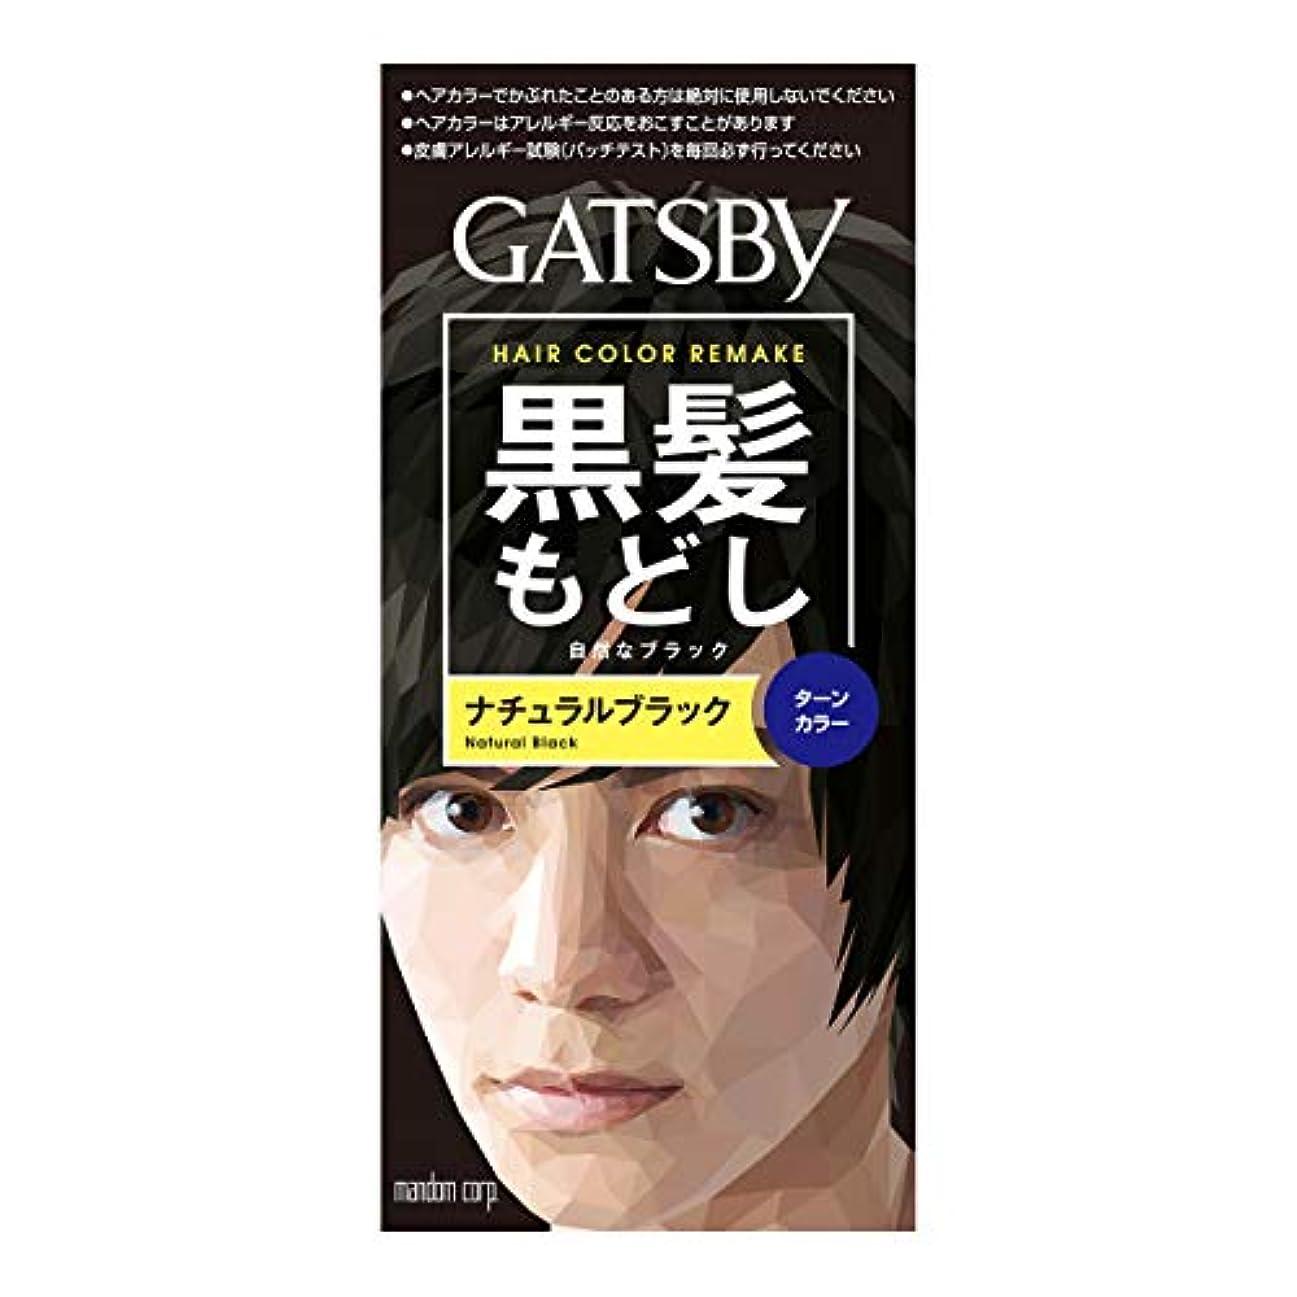 嵐の柔らかい同僚GATSBY(ギャツビー) ターンカラー ナチュラルブラック 1剤35g 2剤70mL (医薬部外品)